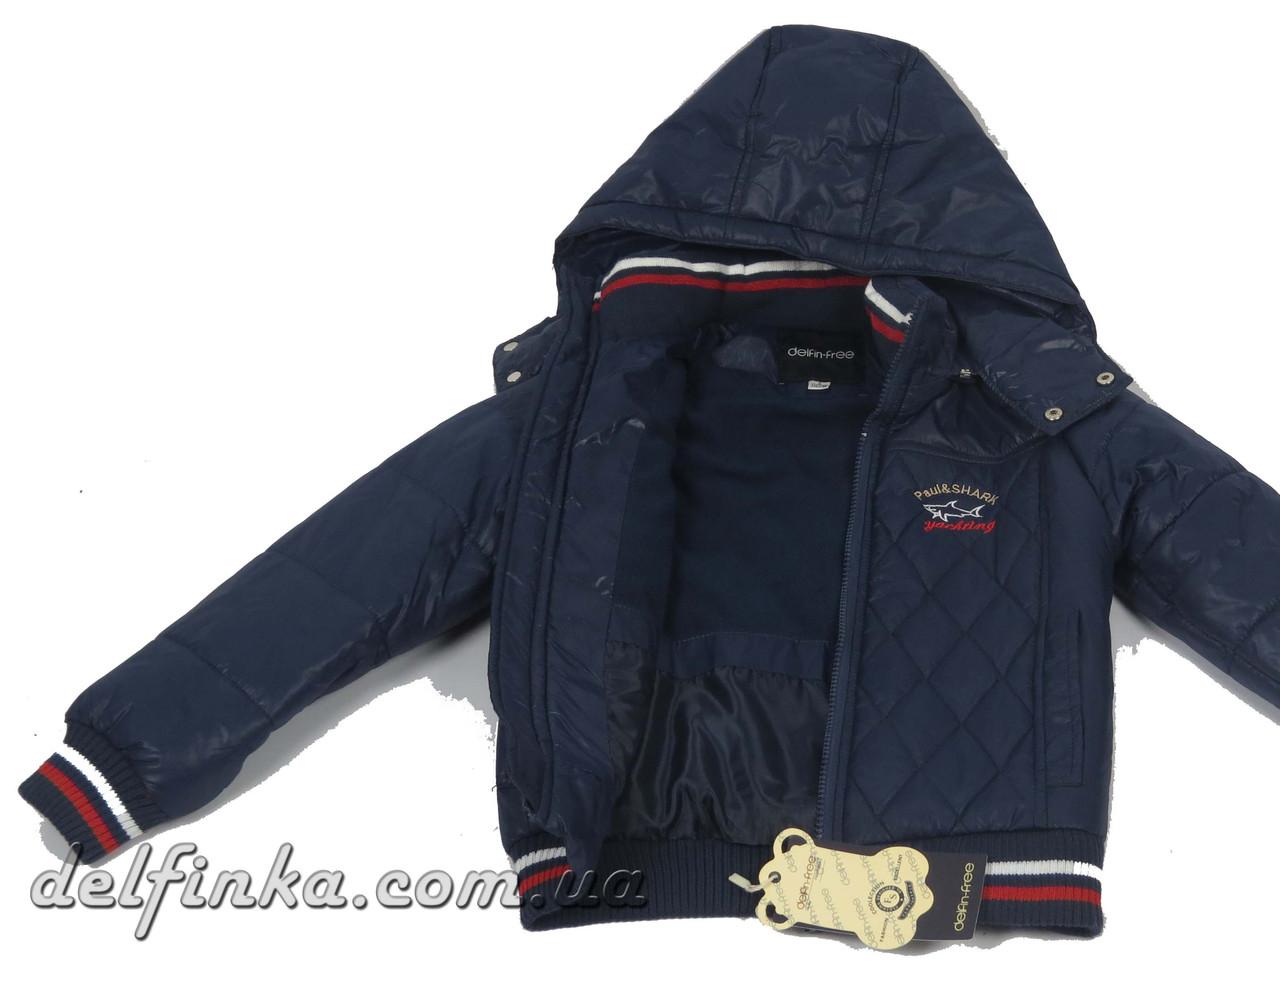 Куртка, для мальчика, теплая, на флисе, 1-4 лет цвет синий, фото 3